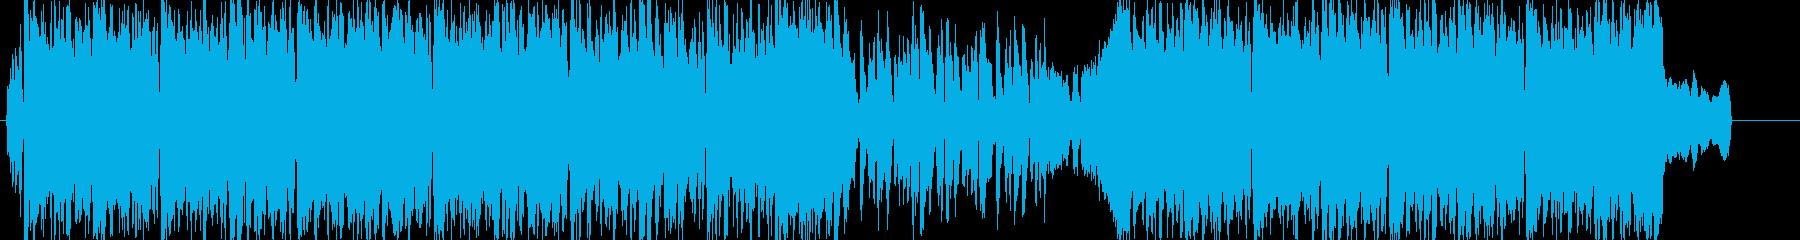 バラエティ系番組煽りBGMの再生済みの波形